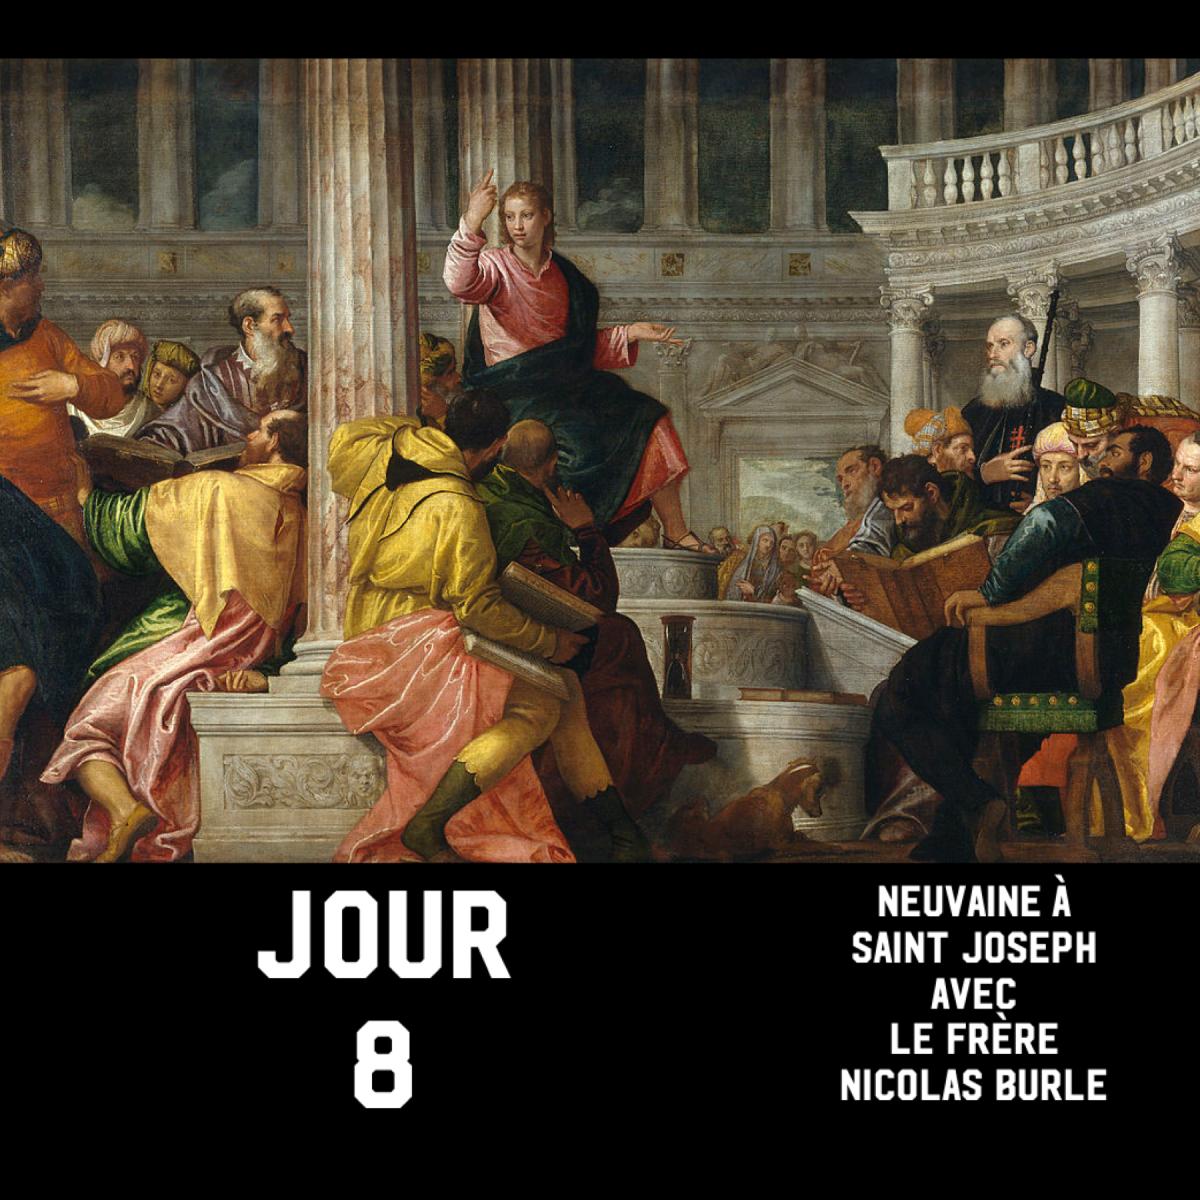 Jour 8: Jésus a disparu